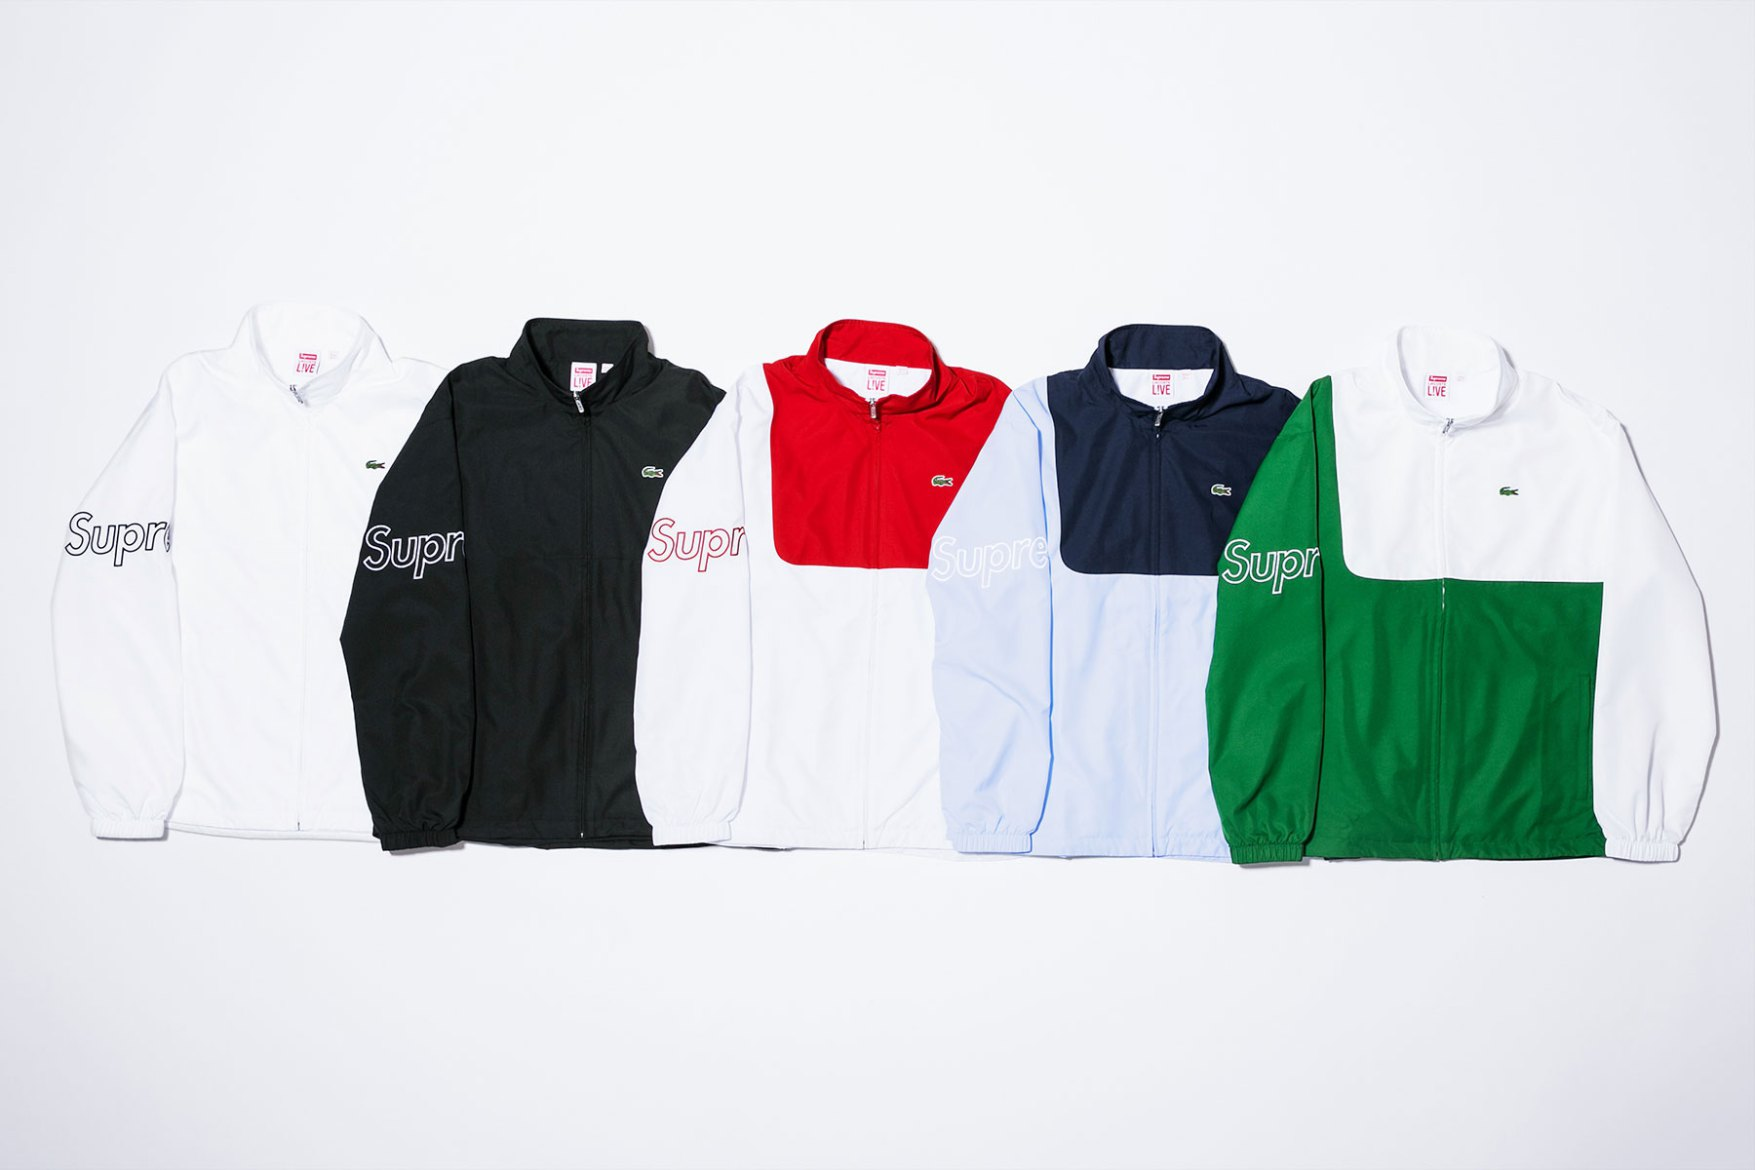 lacoste-supreme-jacket-group-2017-spring-summer-7